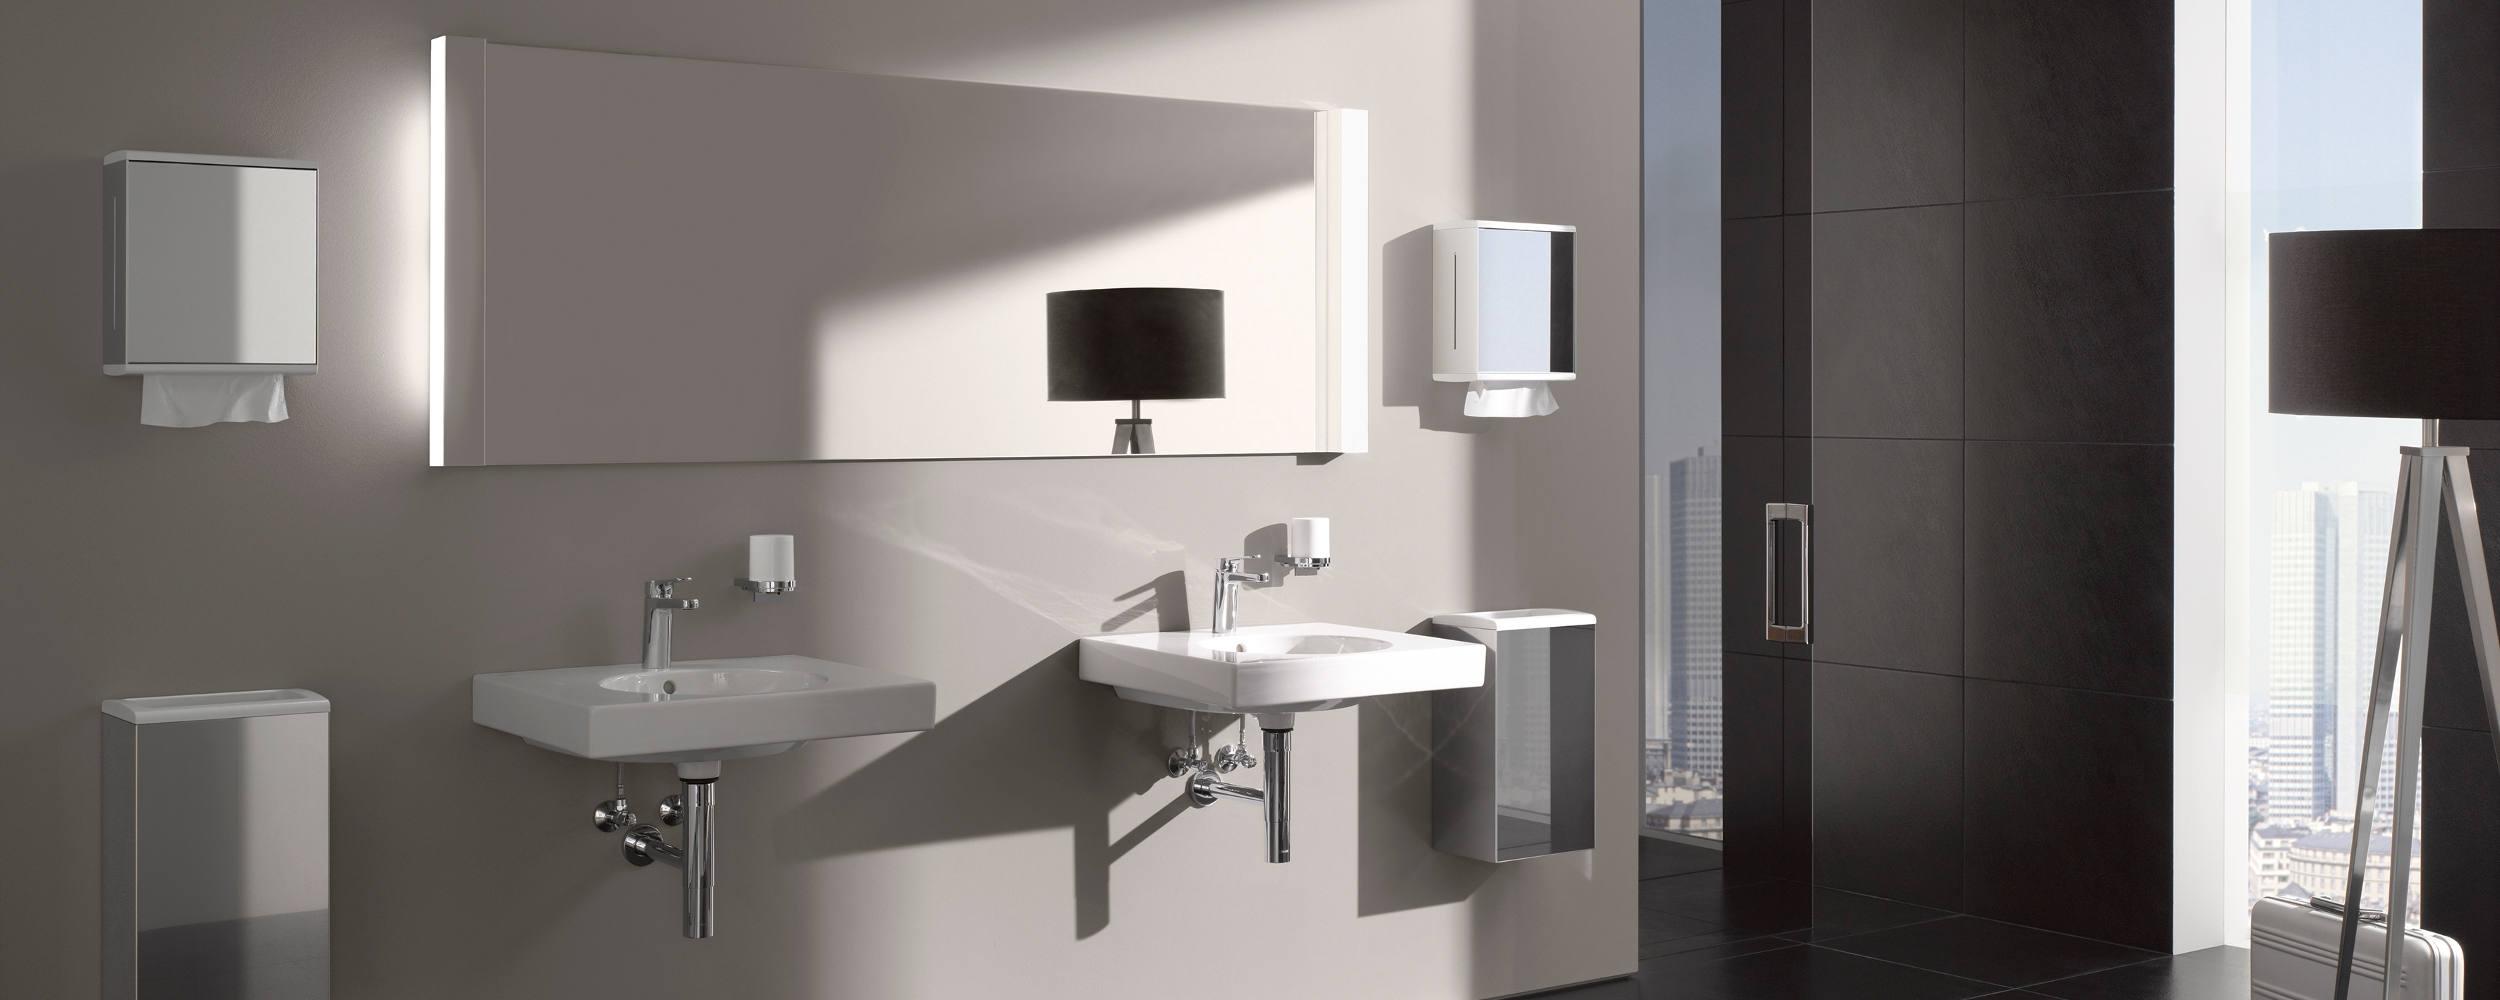 keuco modern bathroom scotland